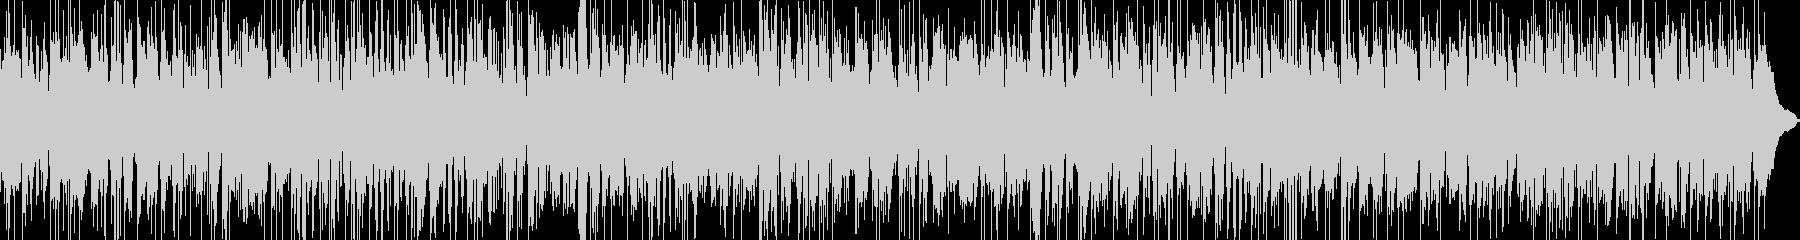 R&B風のおしゃれでかっこいいサックスの未再生の波形